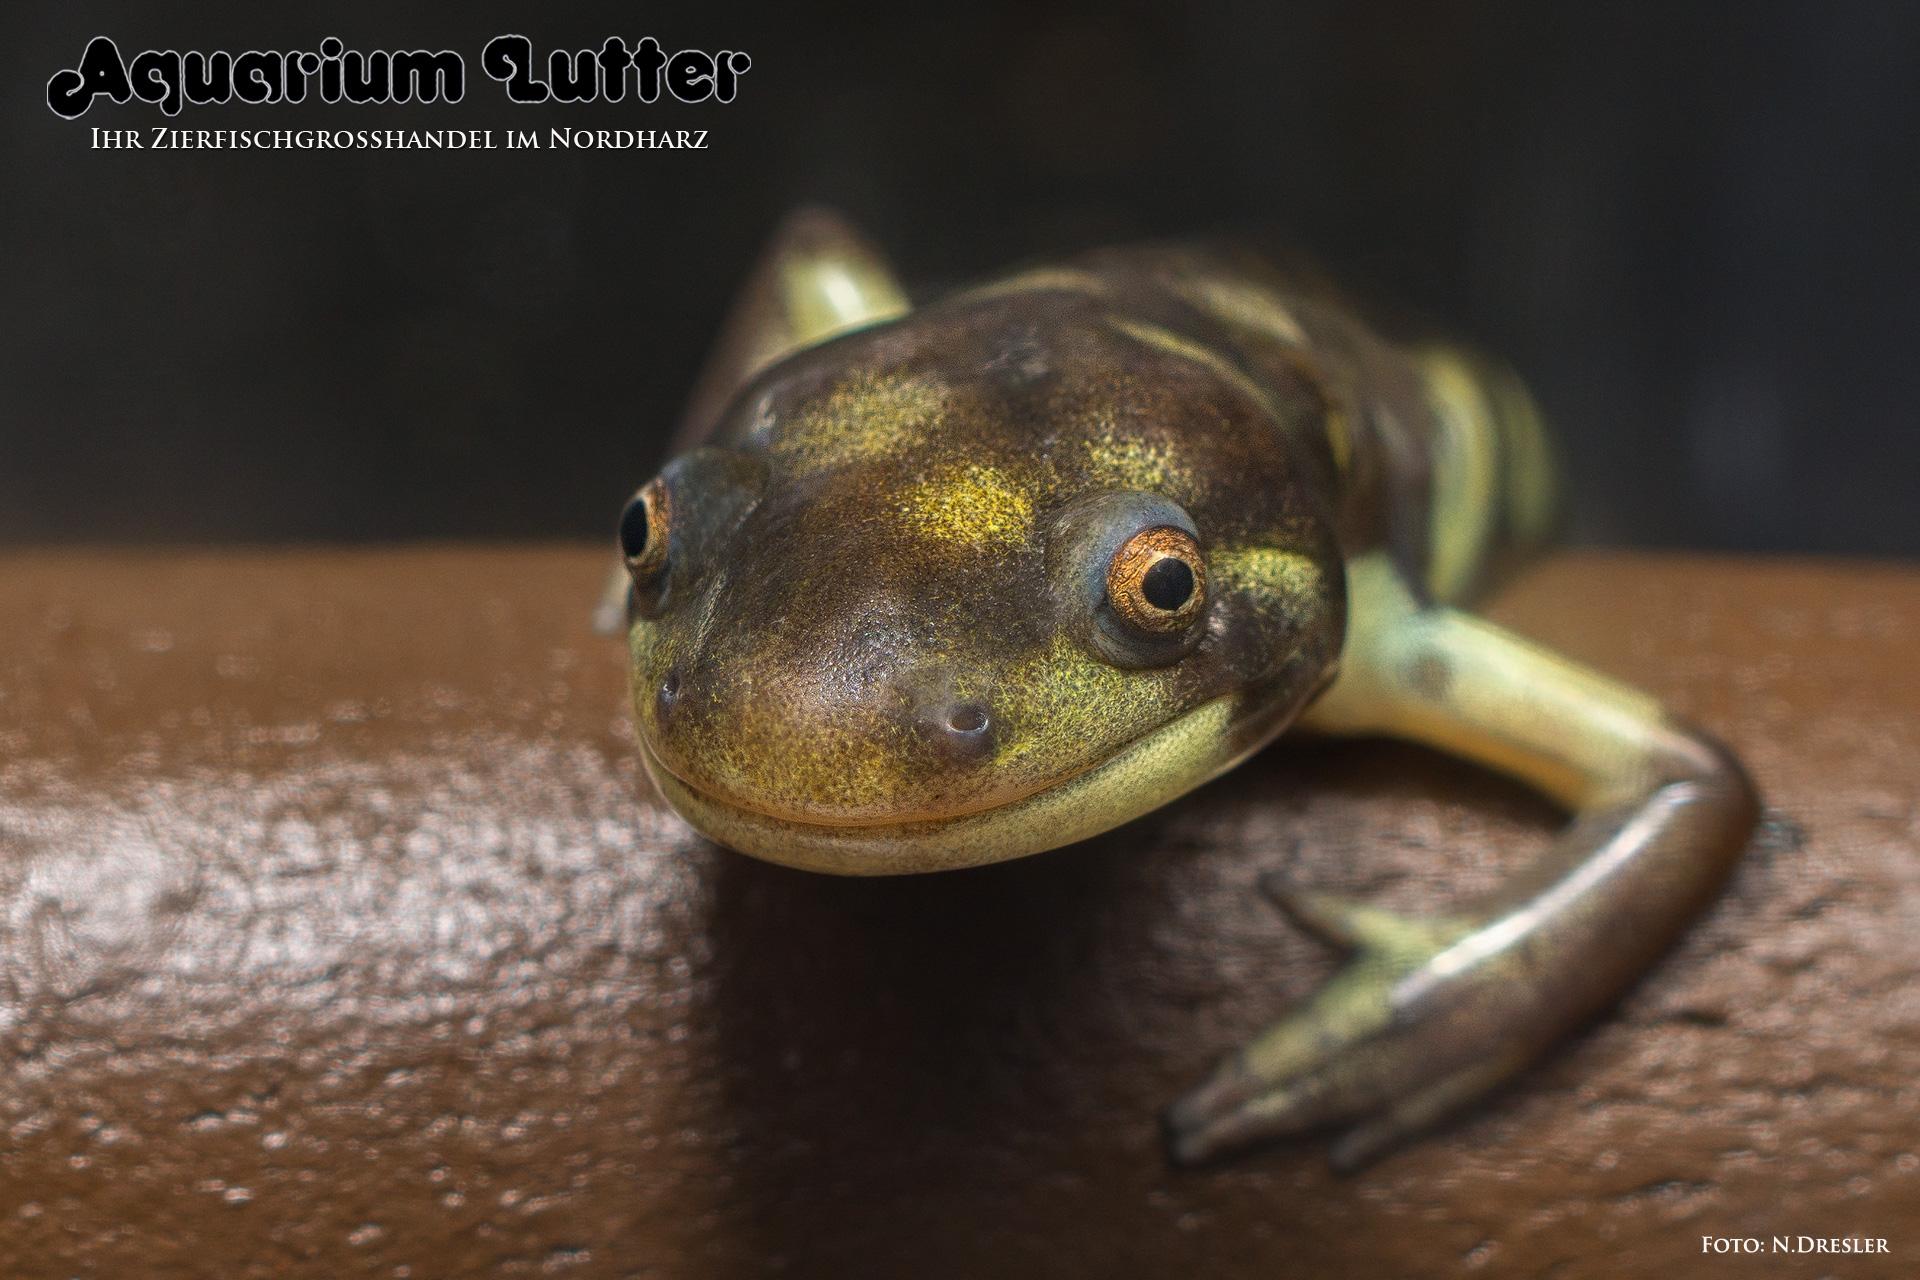 axolotl-tiger